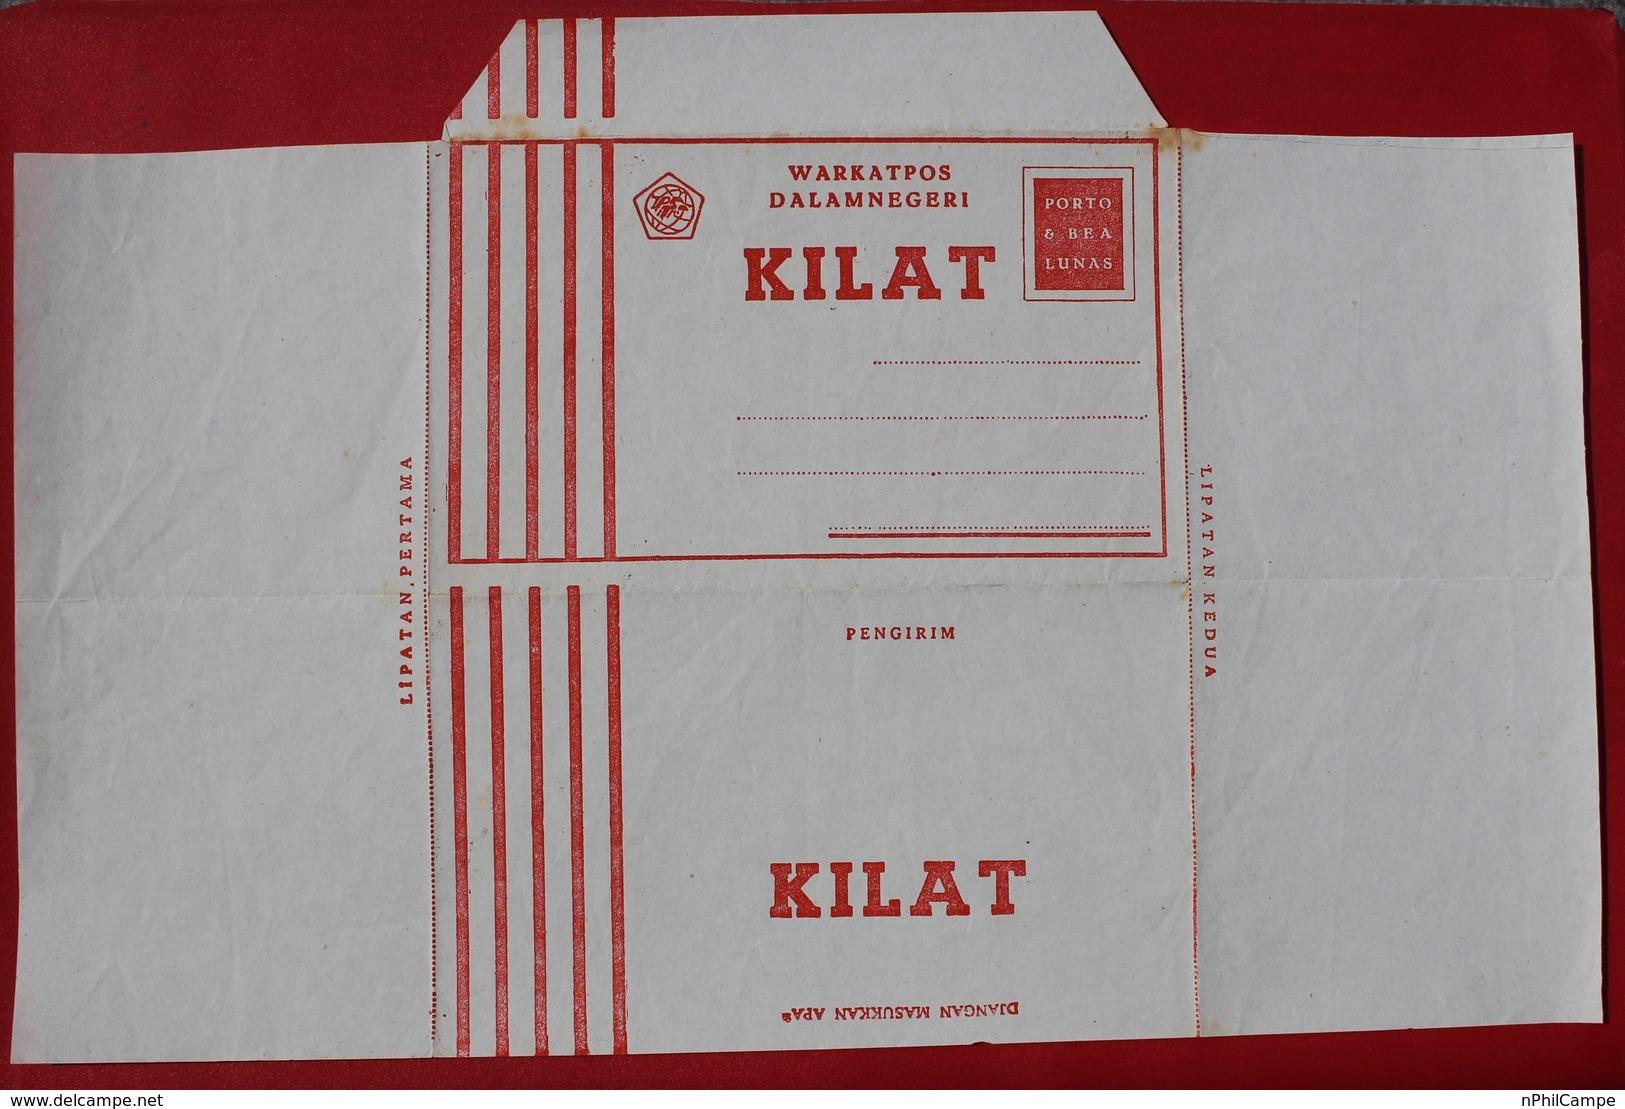 Indonesia Local Aerogramme Stamped Stationary AVION.KILAT Unused Mint - Indonesia